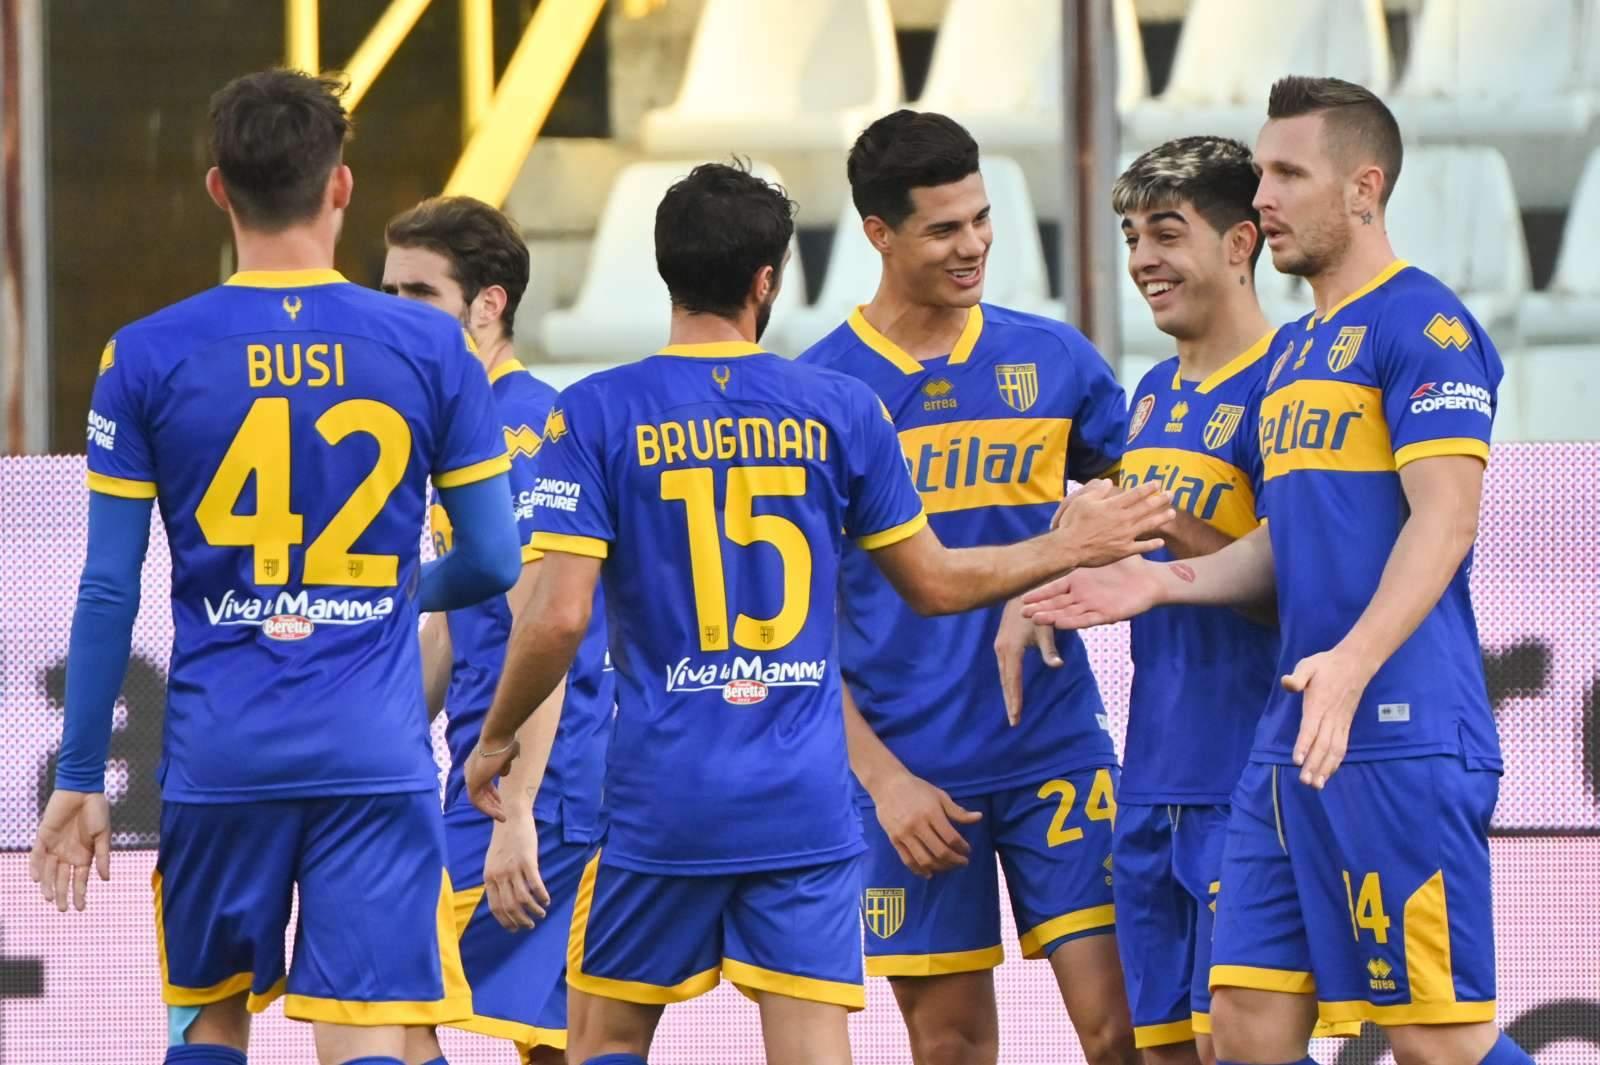 «Парма» - «Лечче»: прогноз на матч 1/32 финала Кубка Италии - 15 августа 2021